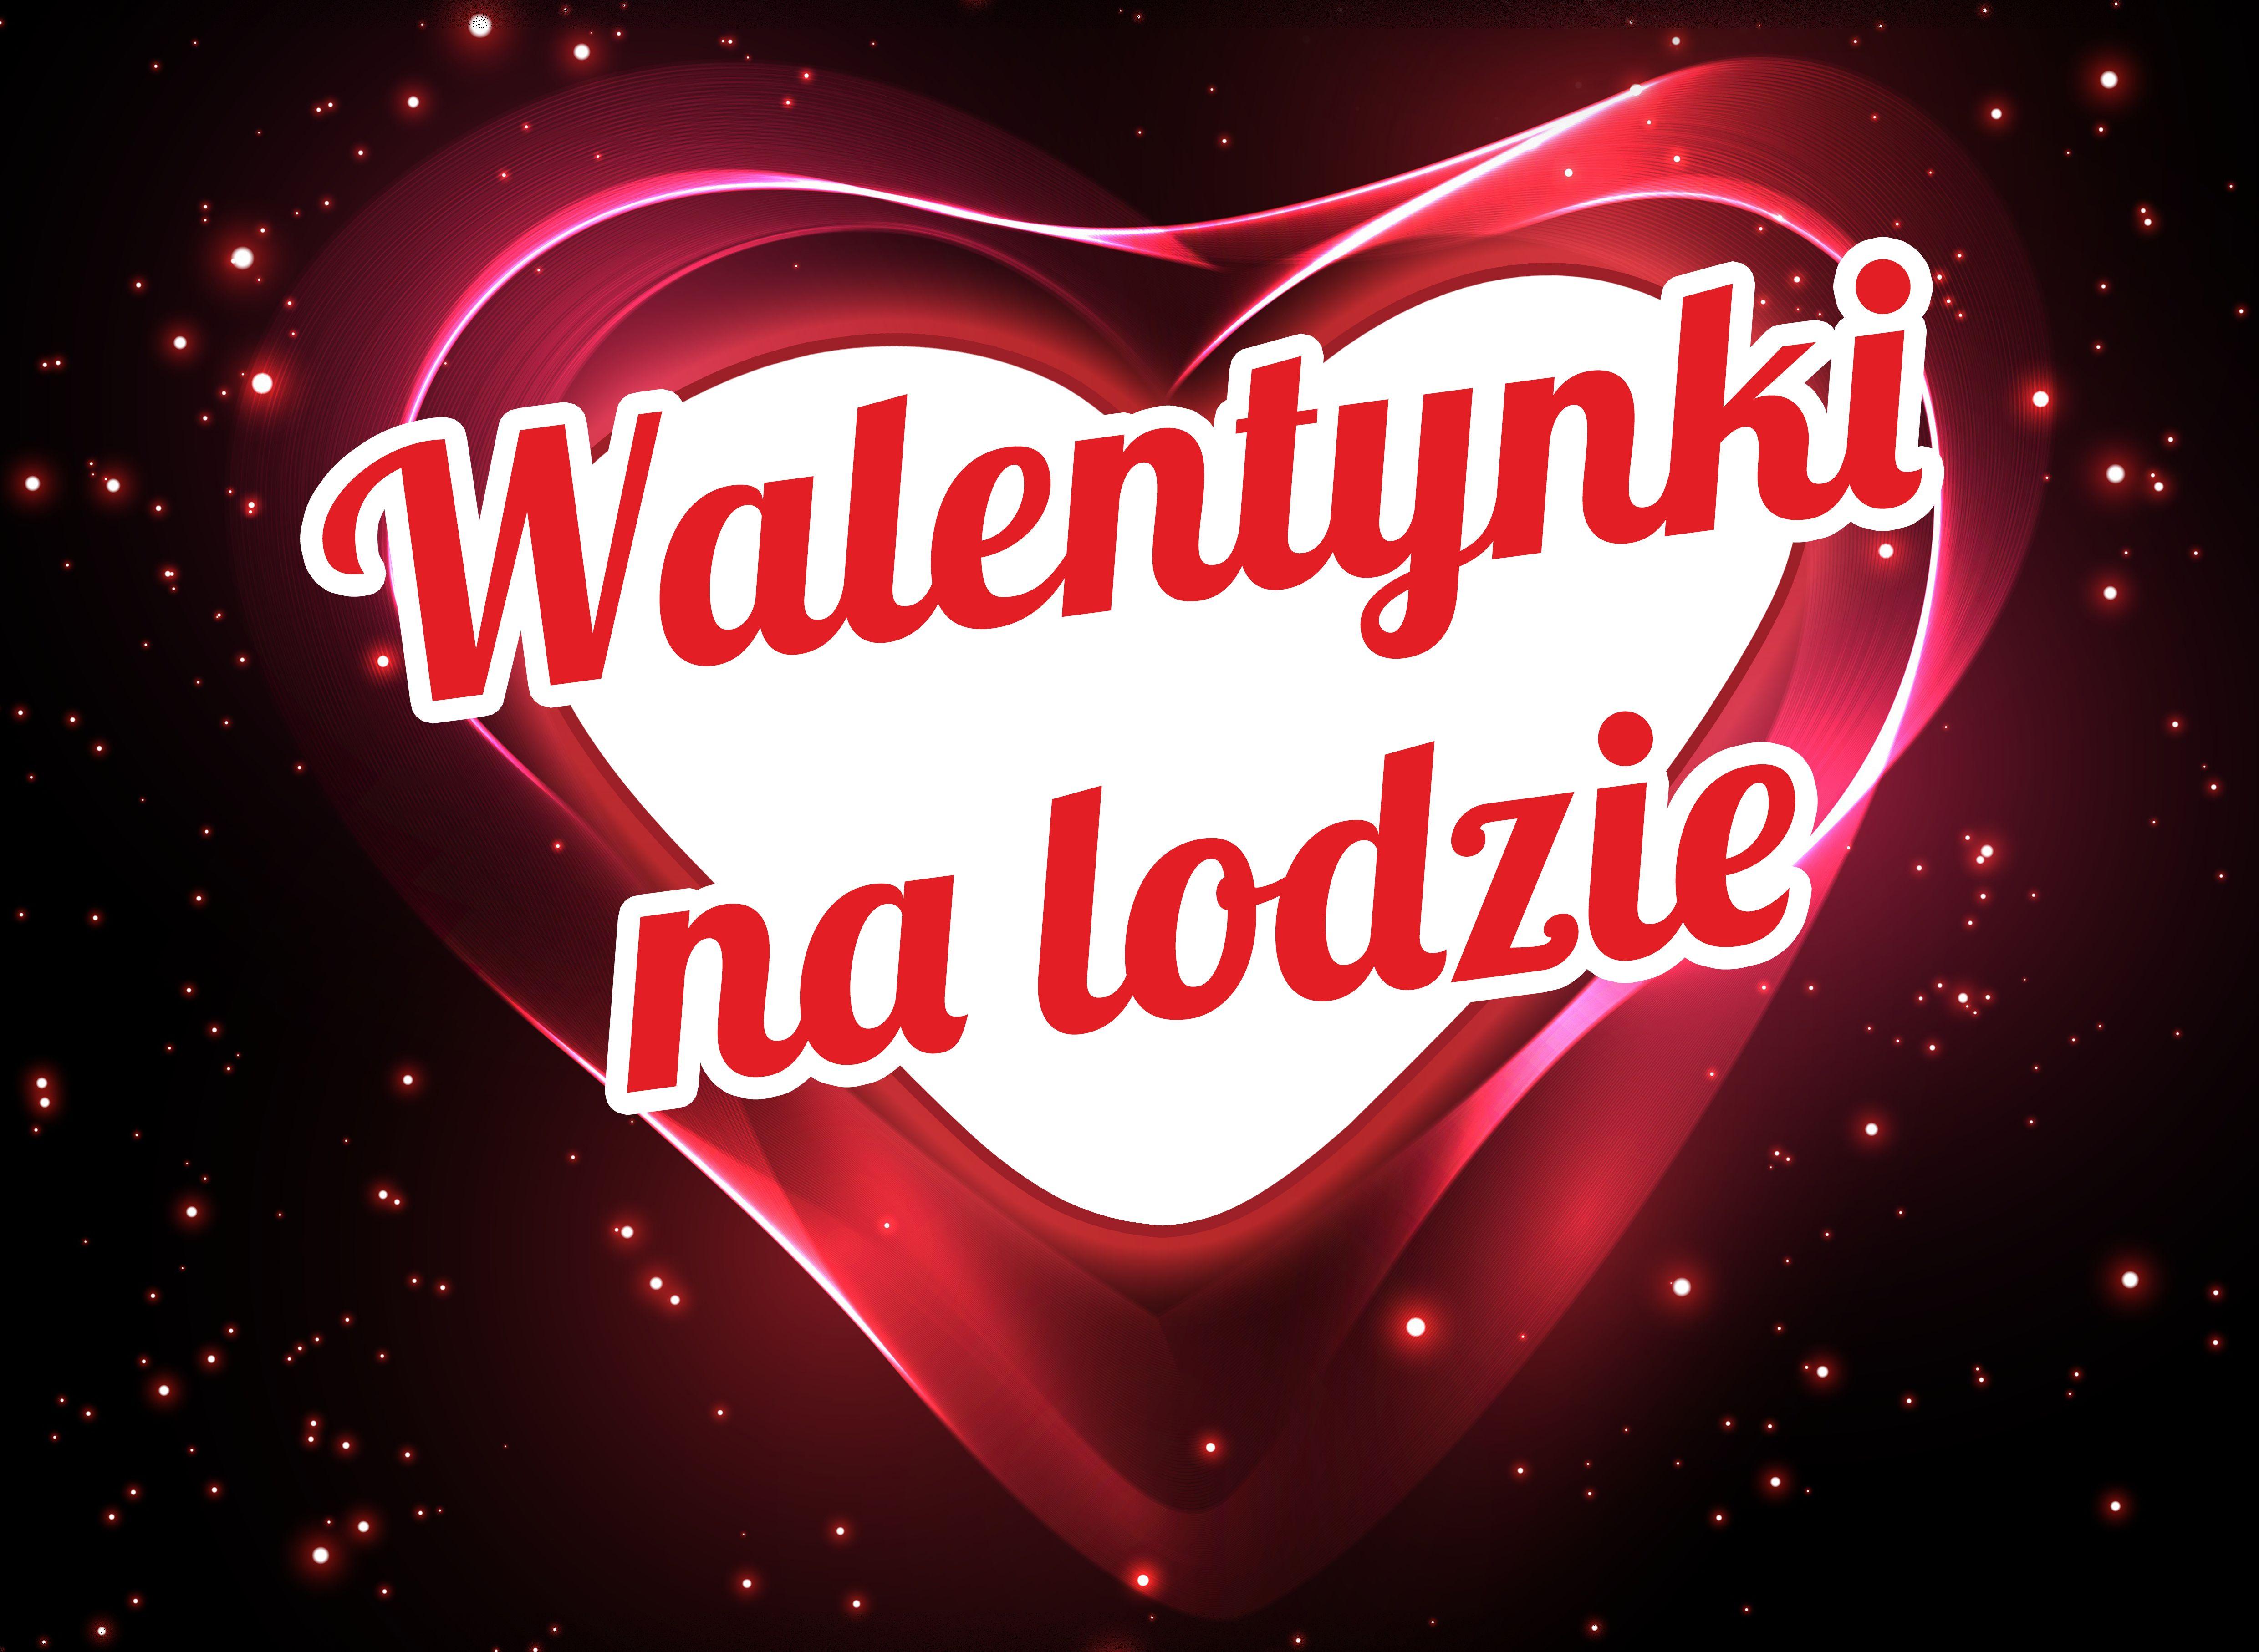 Spędź romantyczne Walentynki na lodzie